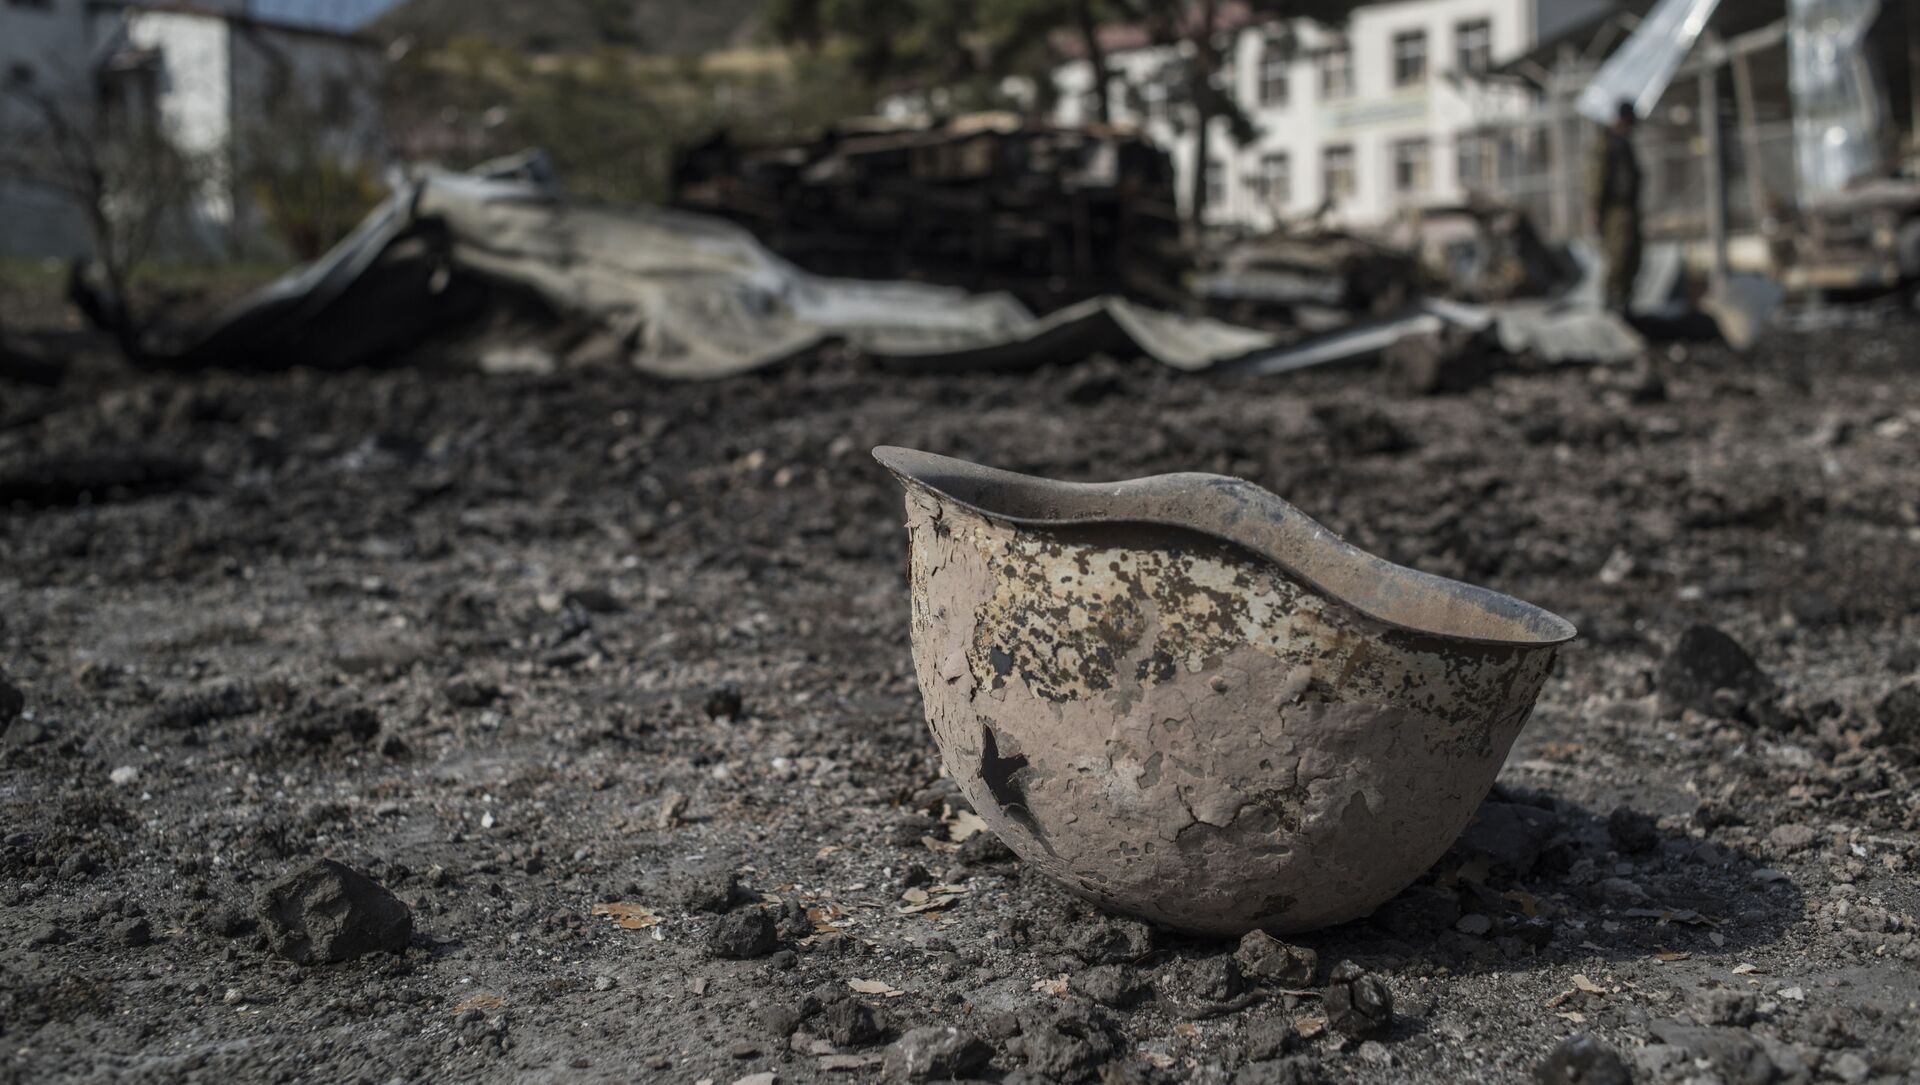 Пробитая каска на территории у госпиталя в Мартакерте, разрушенного в результате обстрела. - Sputnik Армения, 1920, 08.04.2021